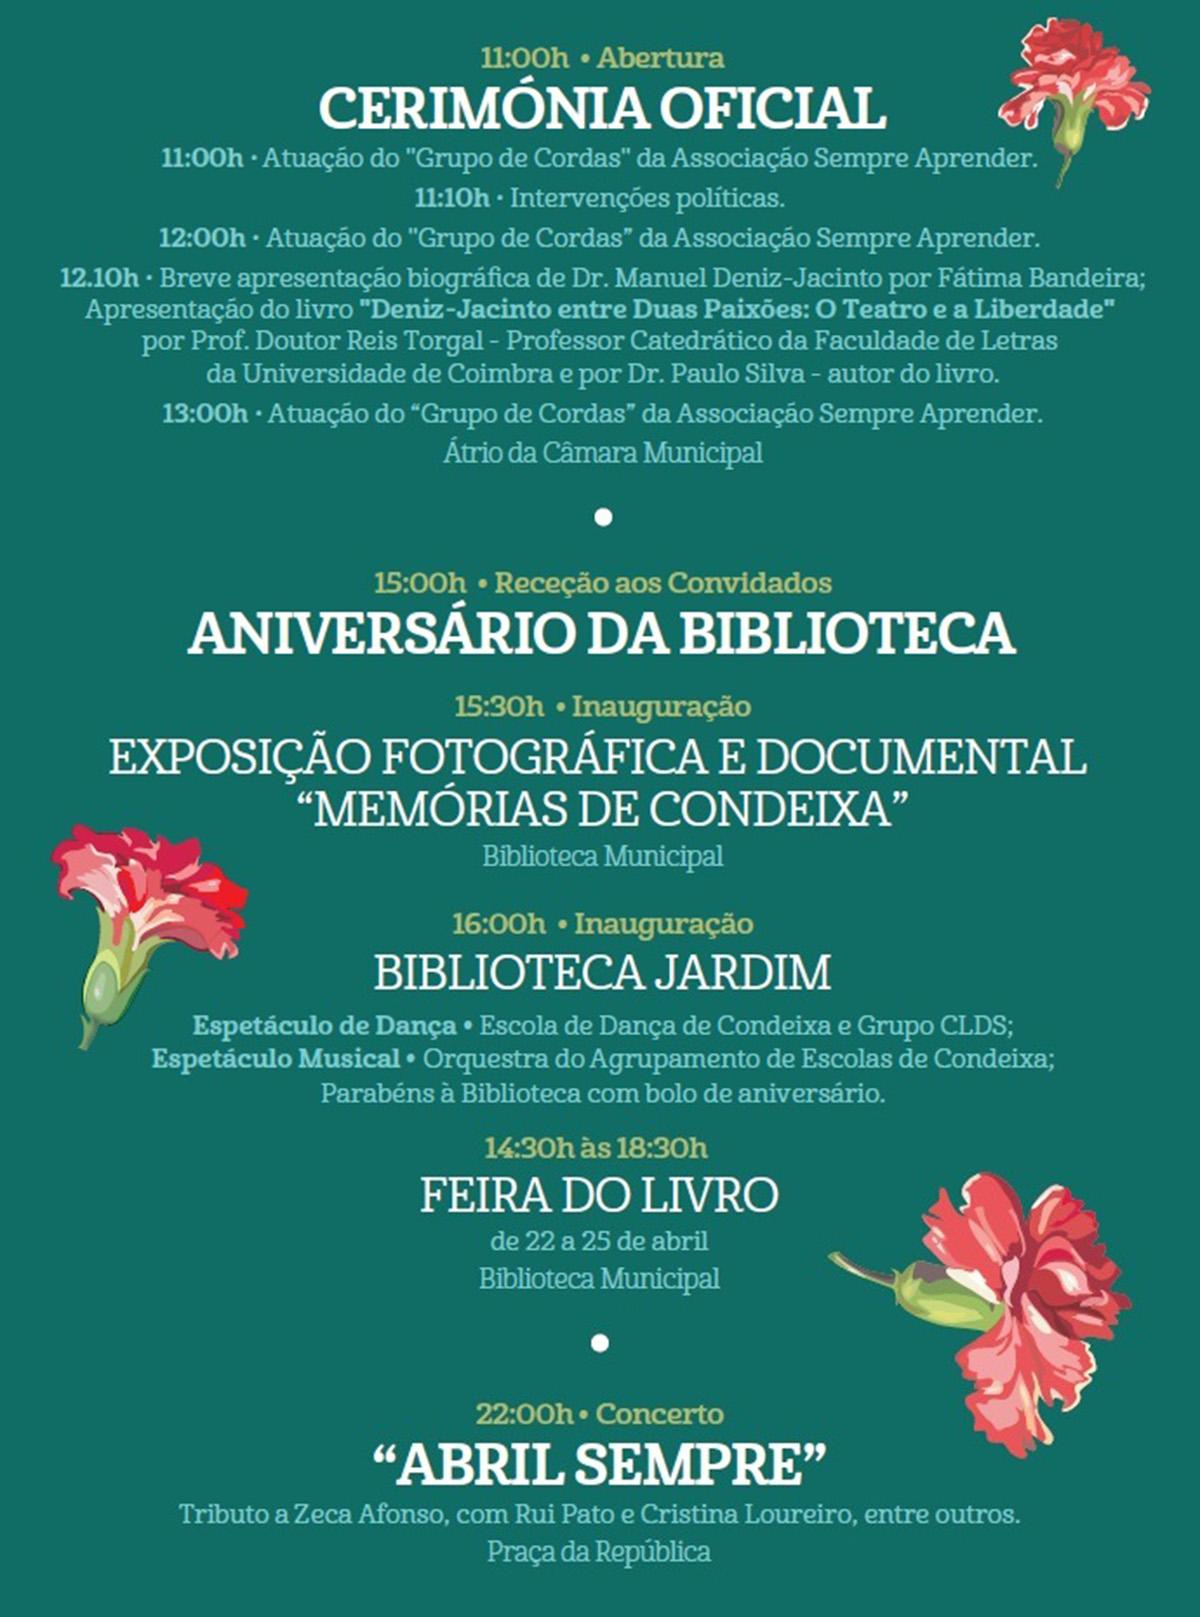 Comemorações do Aniversário da Biblioteca